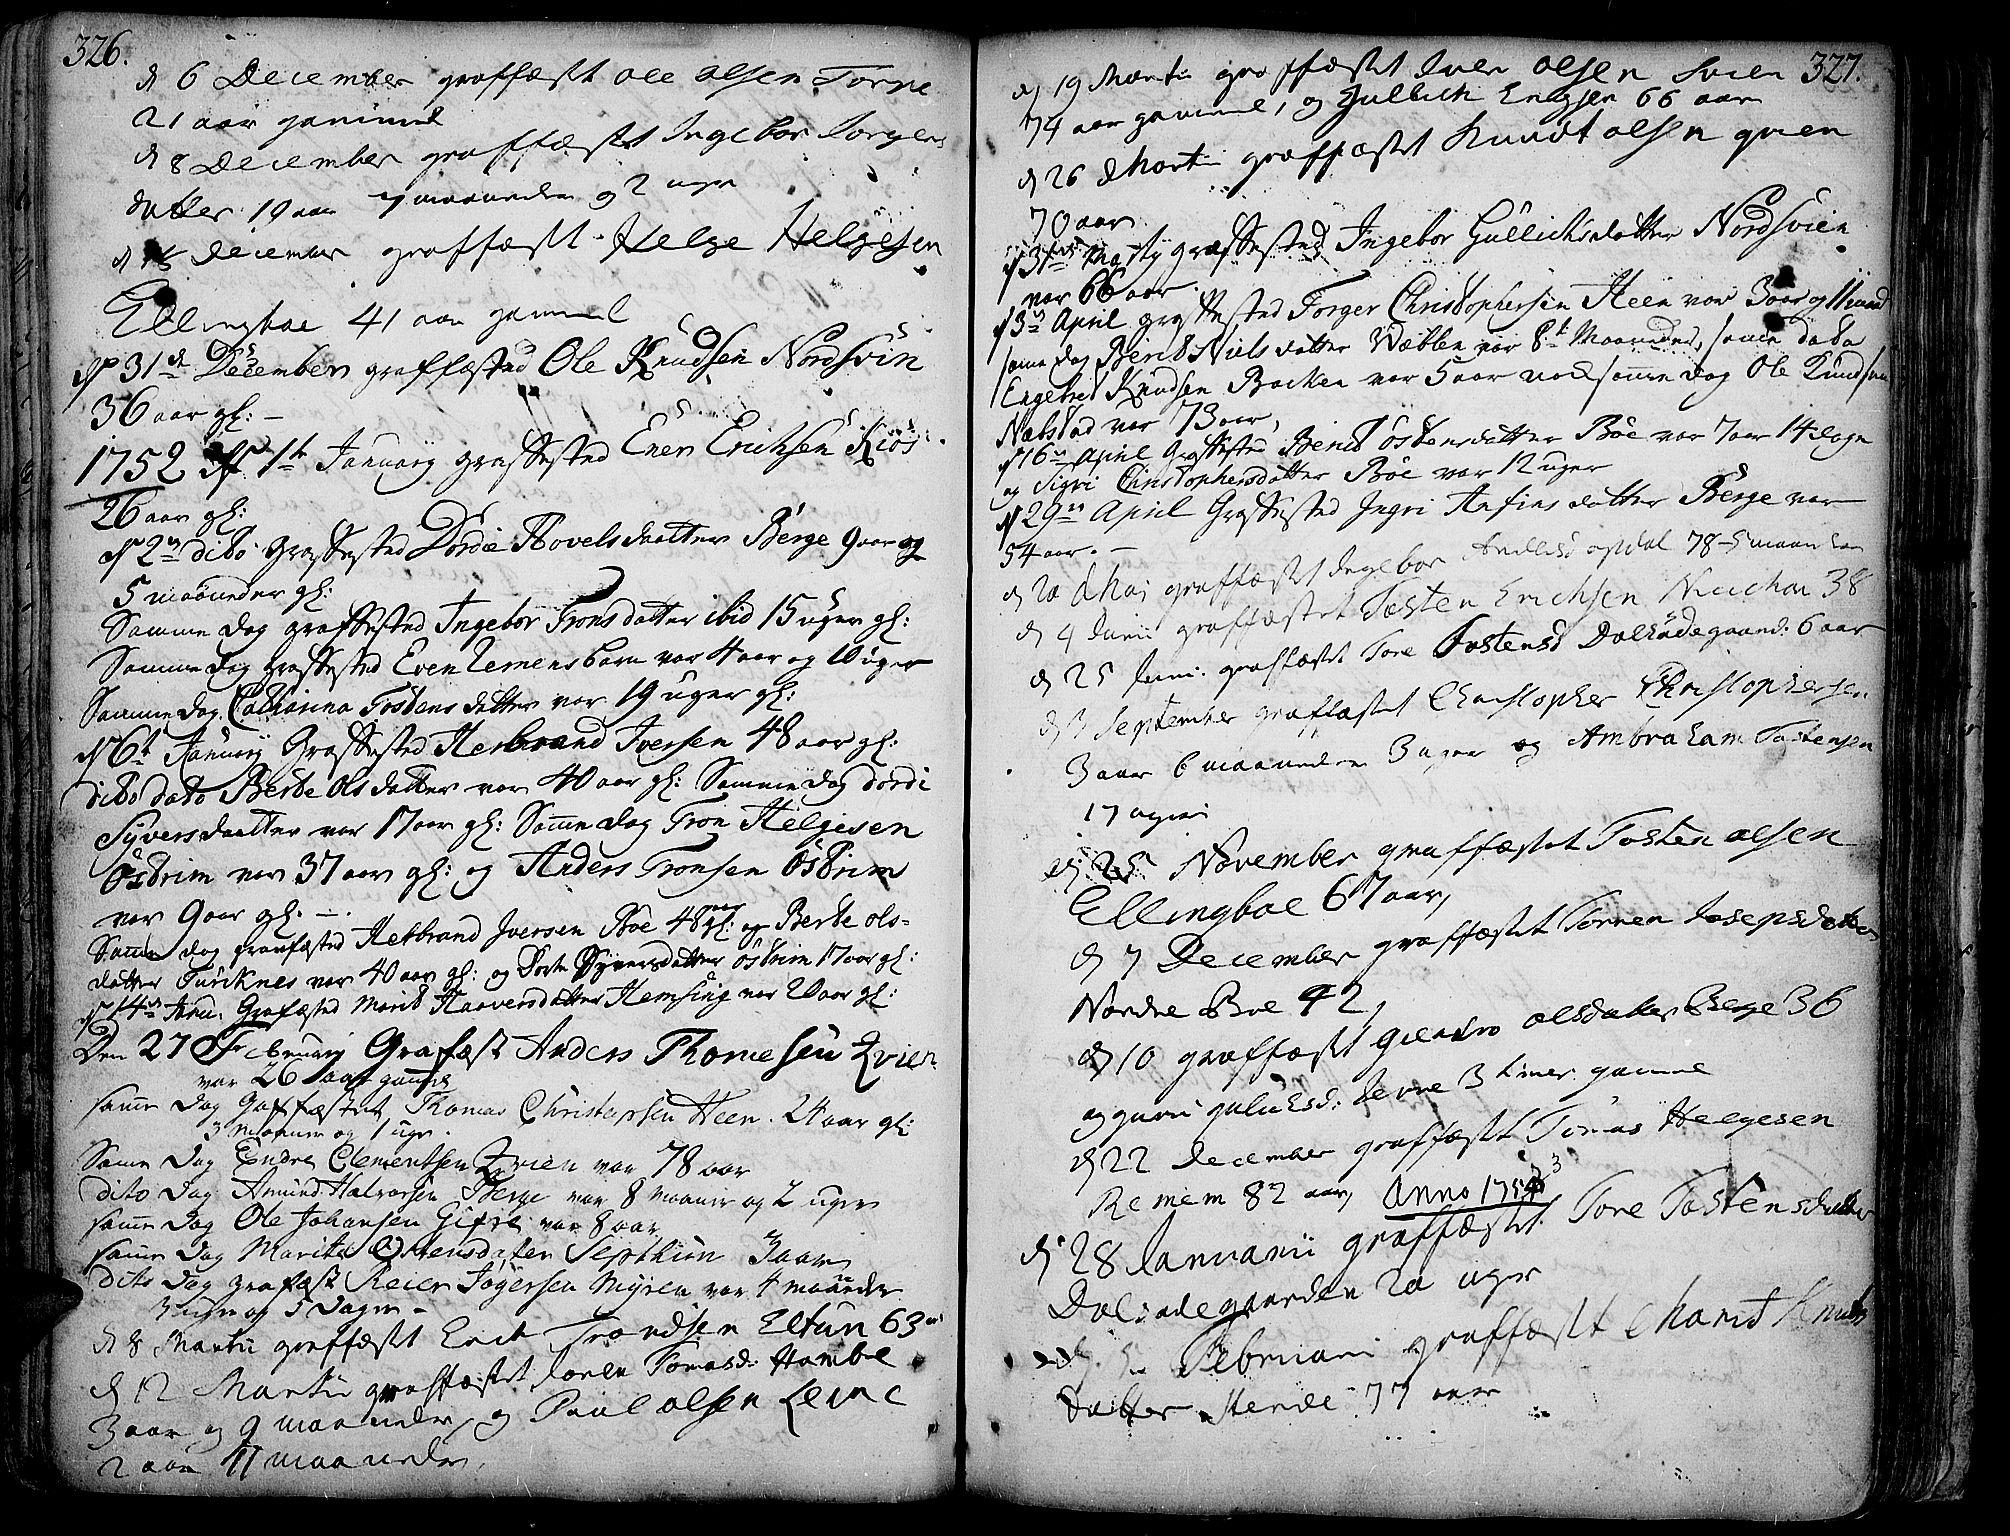 SAH, Vang prestekontor, Valdres, Ministerialbok nr. 1, 1730-1796, s. 326-327